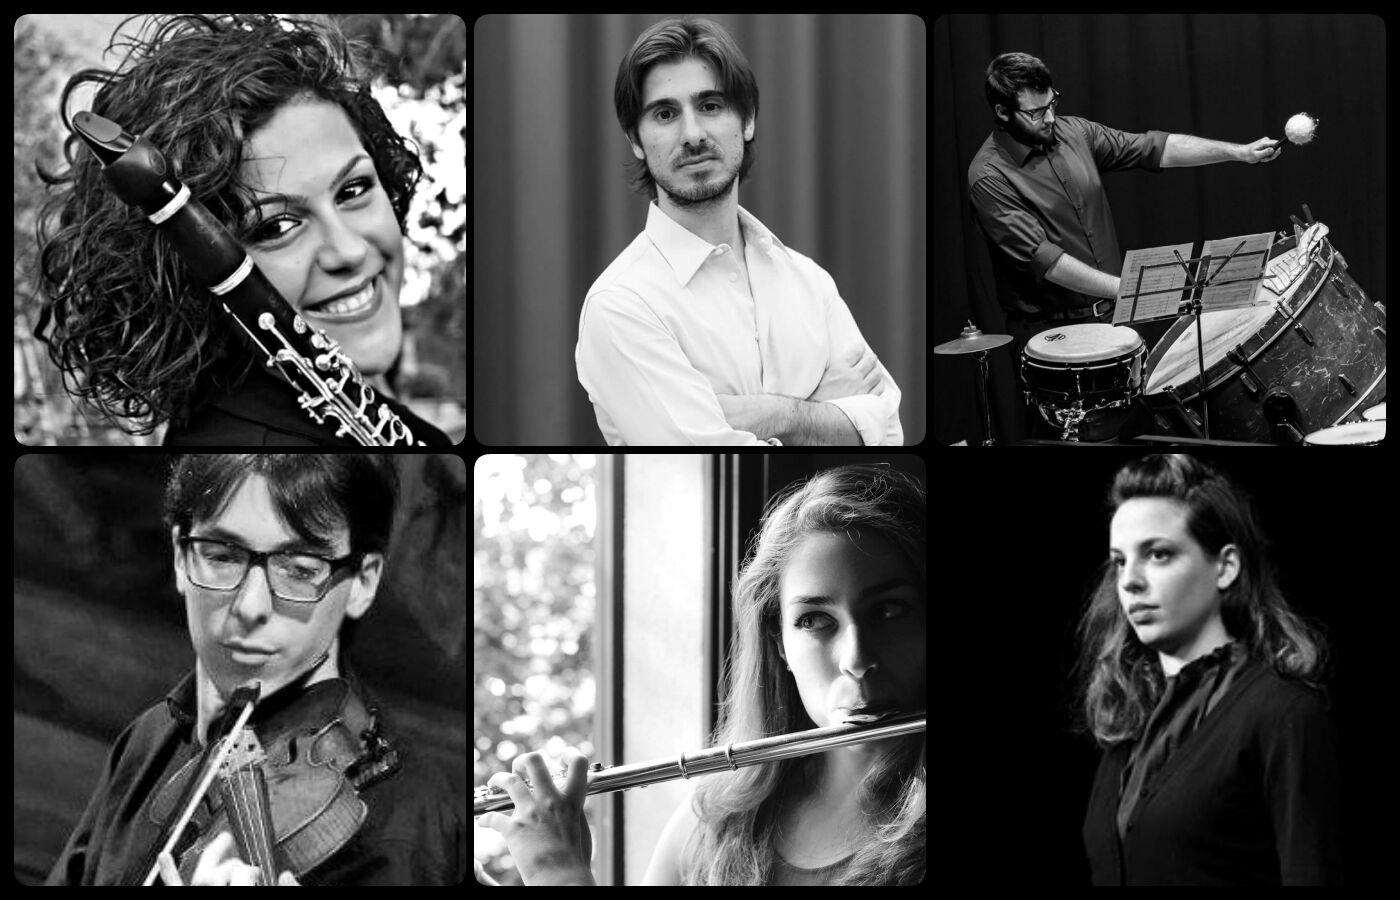 Musica fuori - tre concerti novità per GMI Modena